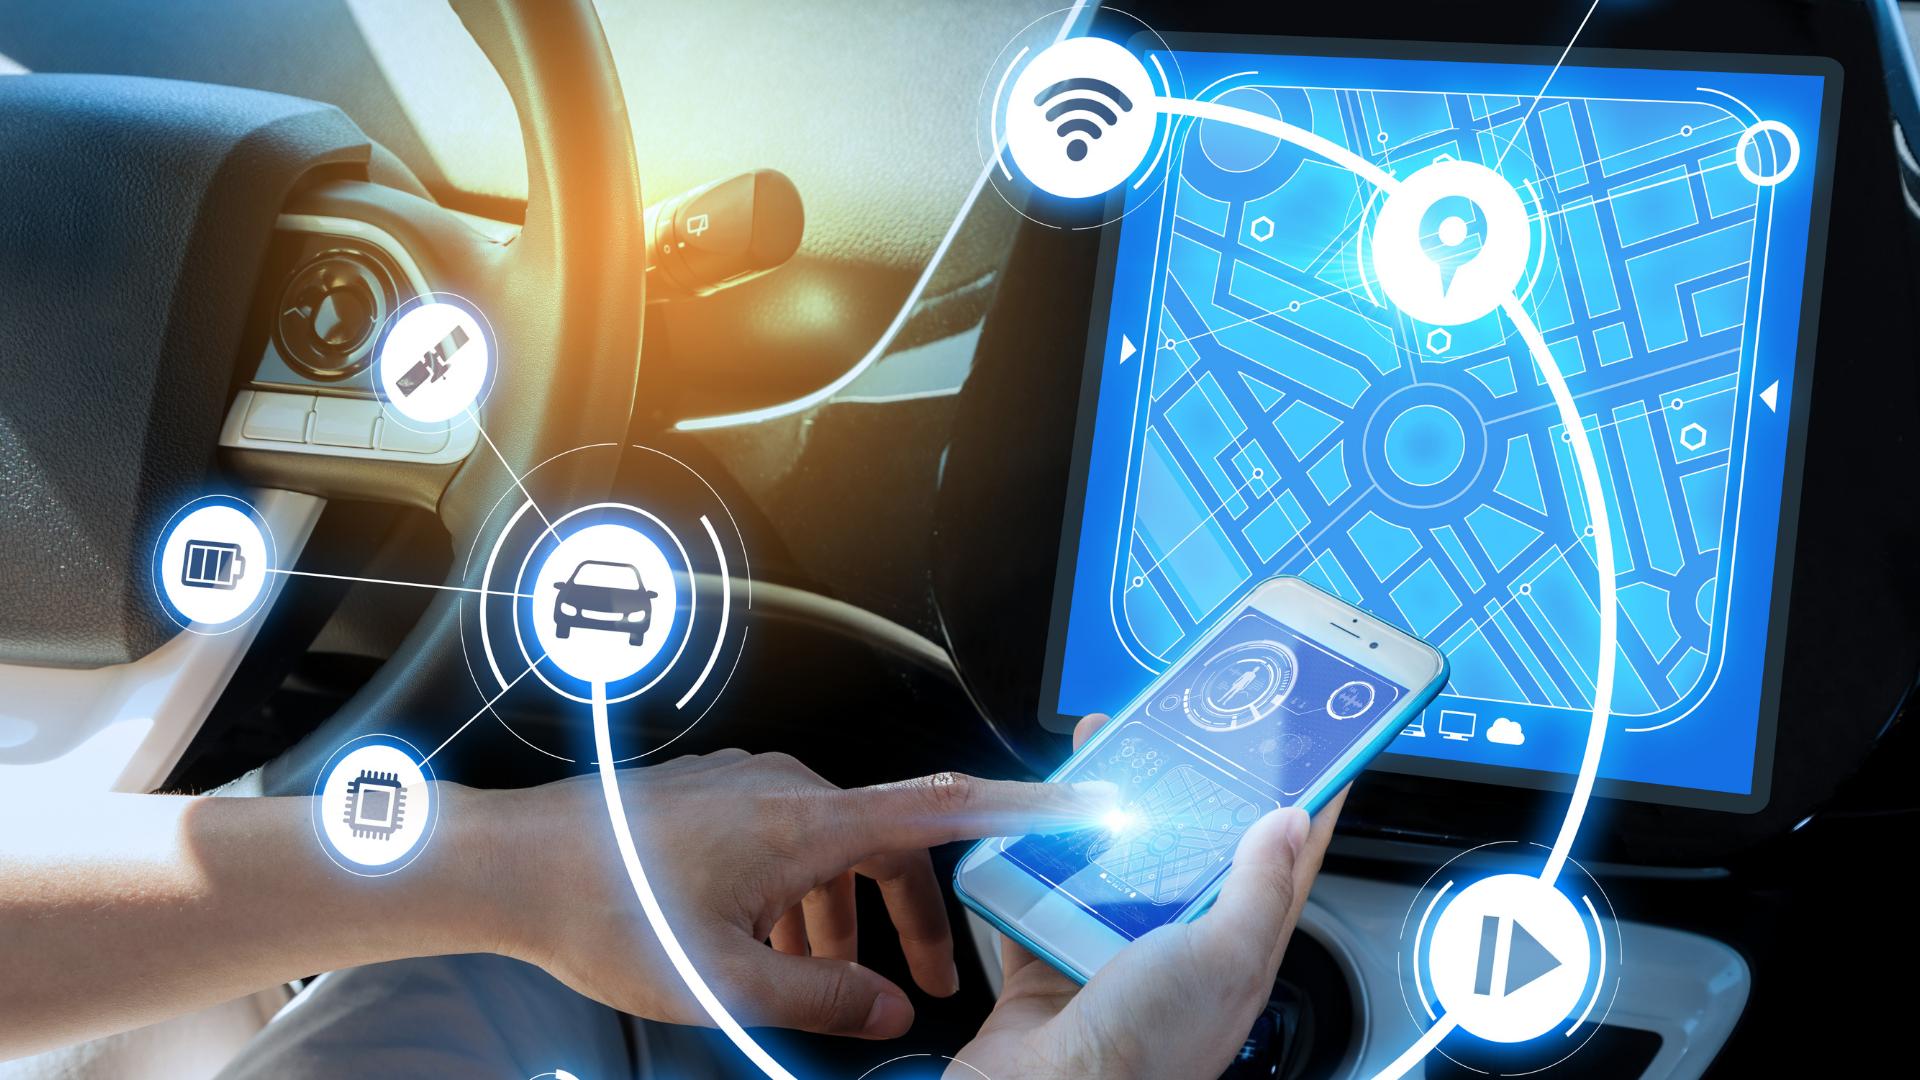 Sicurezza e 5G: cosa aspettarsi dalle auto del futuro